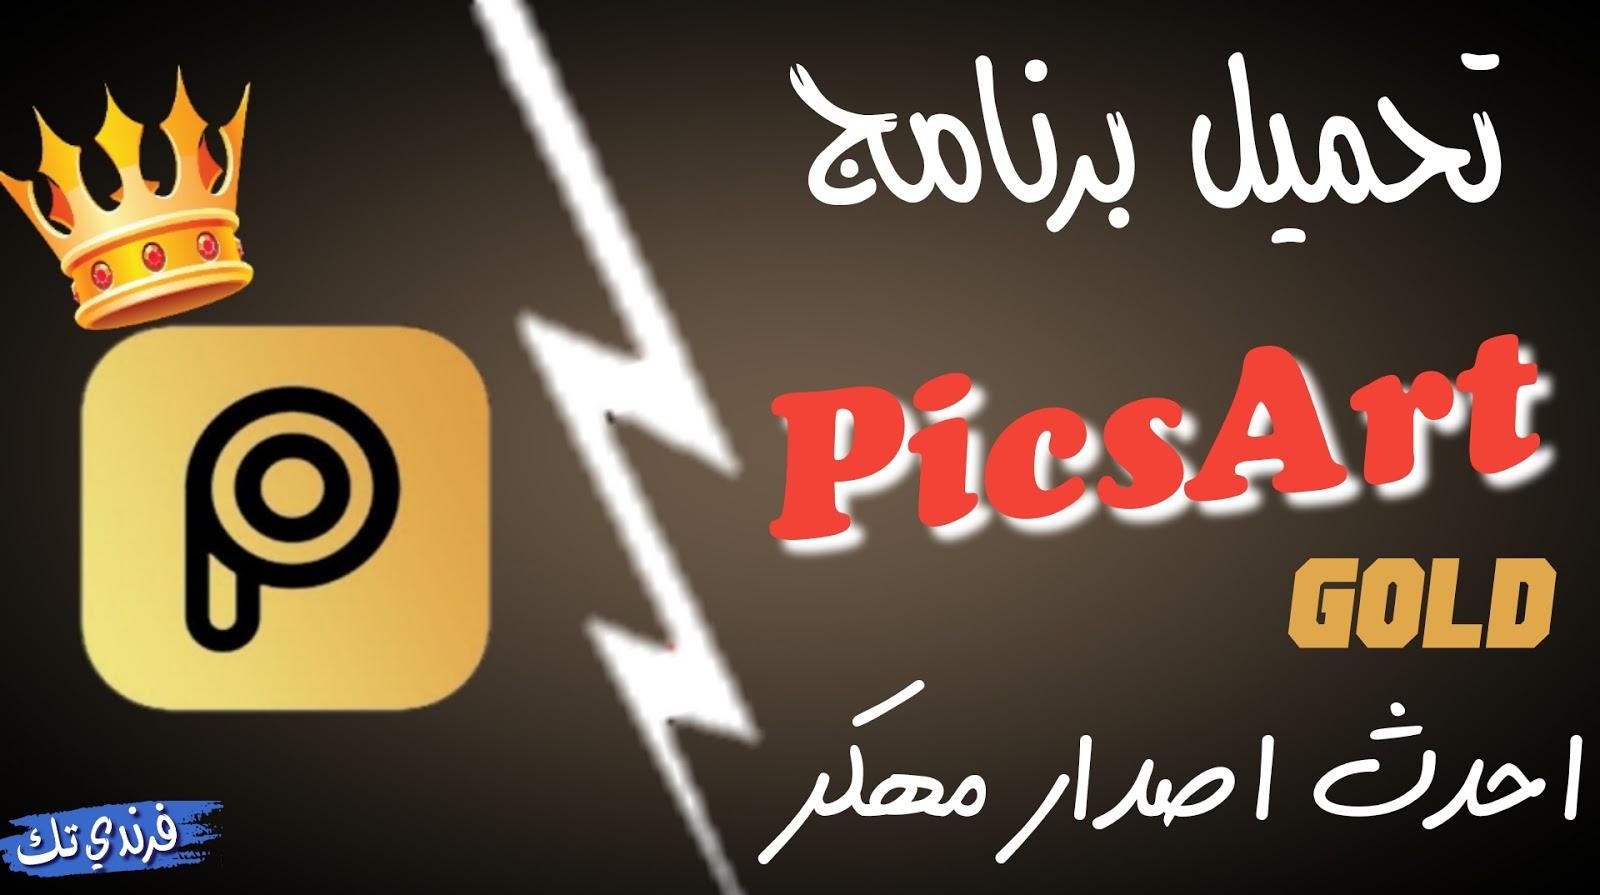 تحميل برنامج PicsArt Gold النسخة الأصلية 2020 احدث إصدار